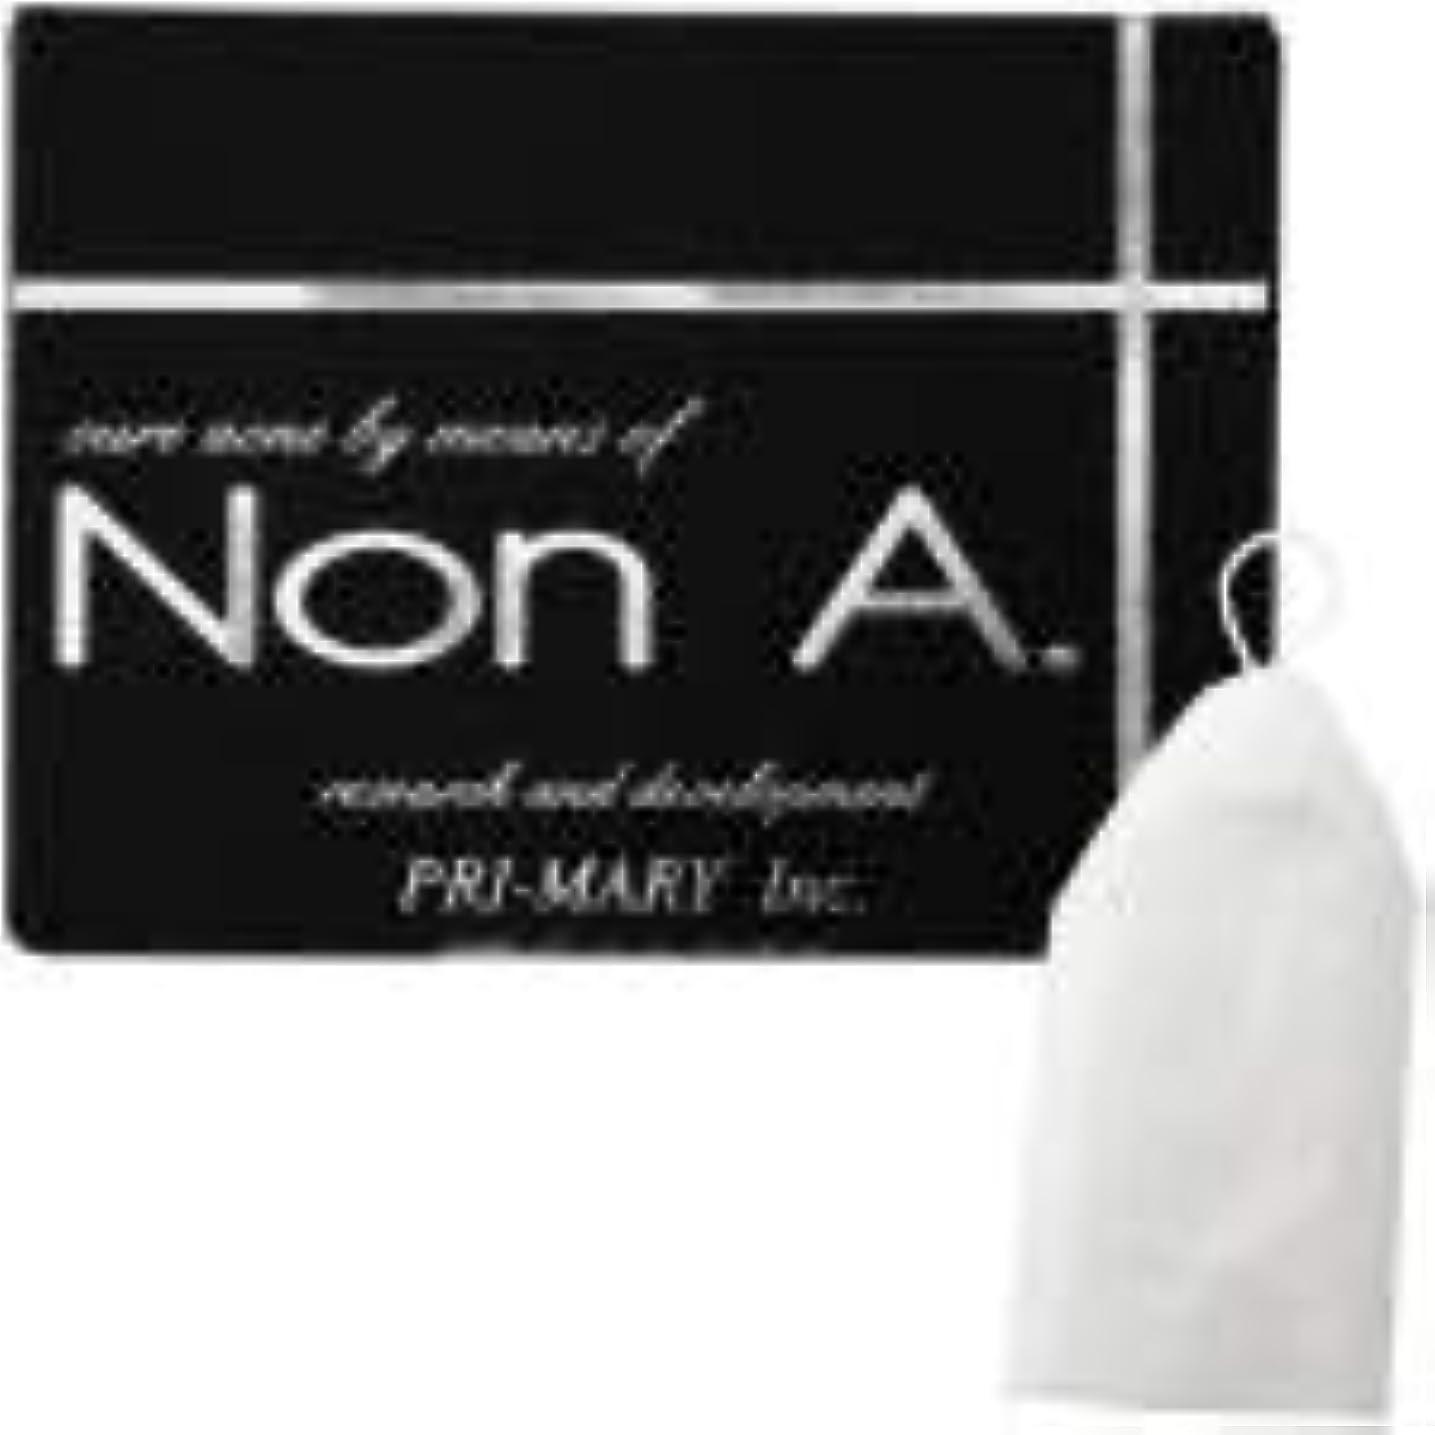 スモッグうつバングラデシュNon A. (ノンエー) 洗顔ソープ [ ニキビ対策 / 100g / 洗顔泡立てネット付 ] 洗顔せっけん ピーリング成分不使用 (プライマリー)